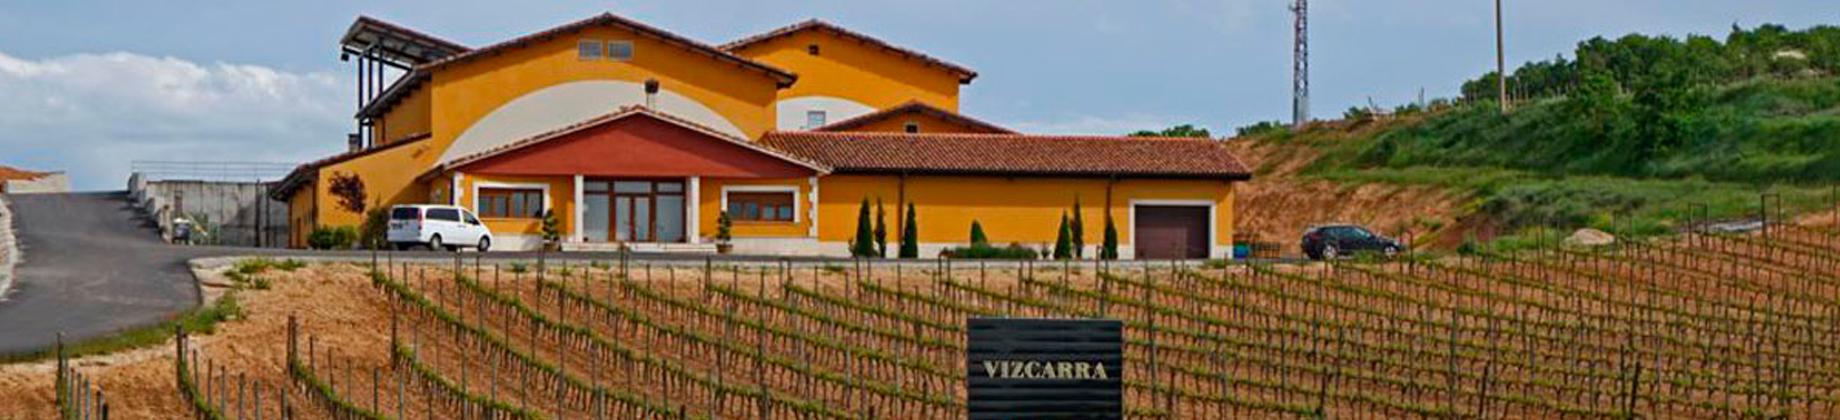 Bodegas Vizcarra